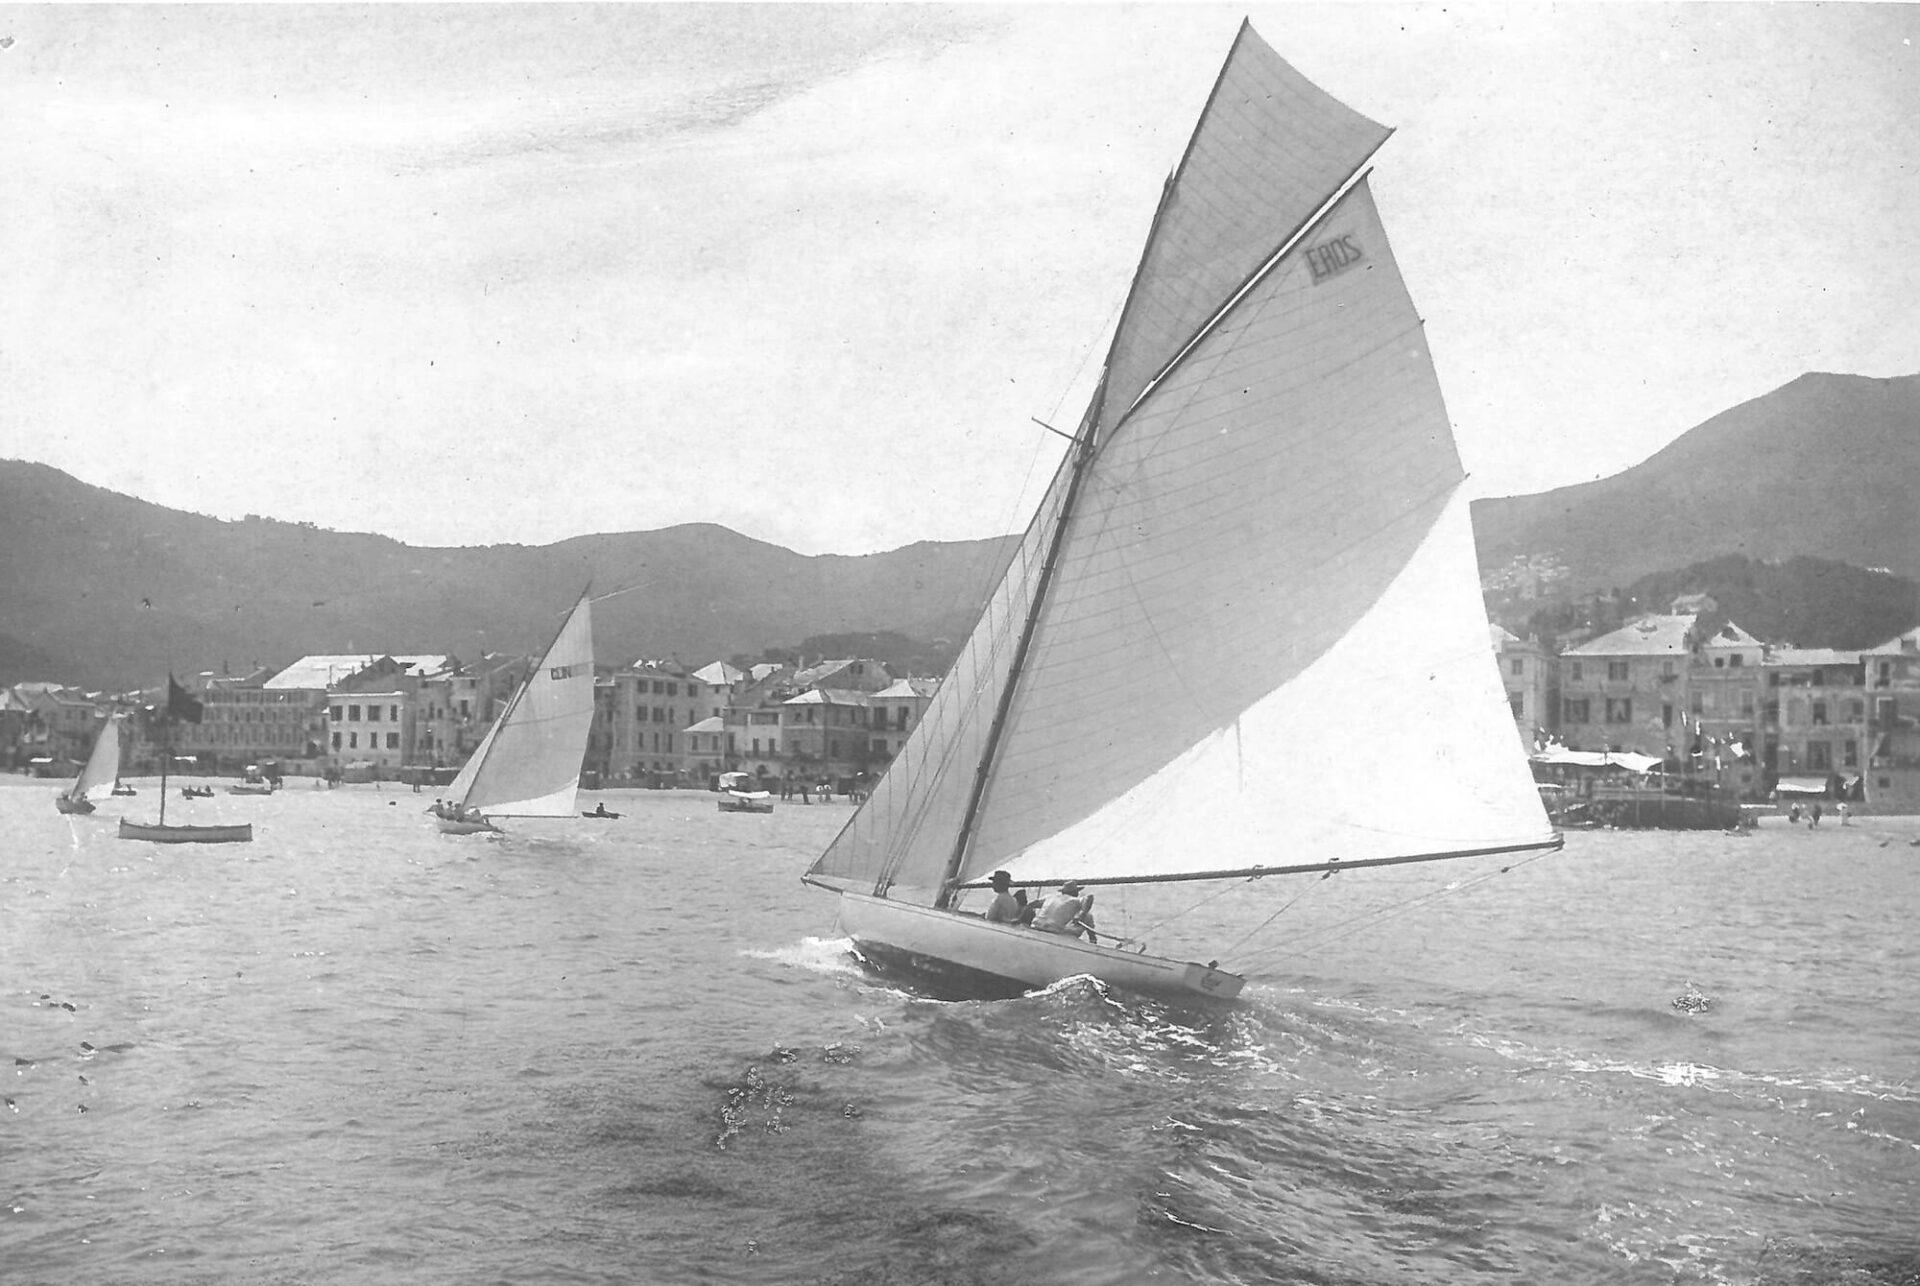 1903 – Glin Glin in regata